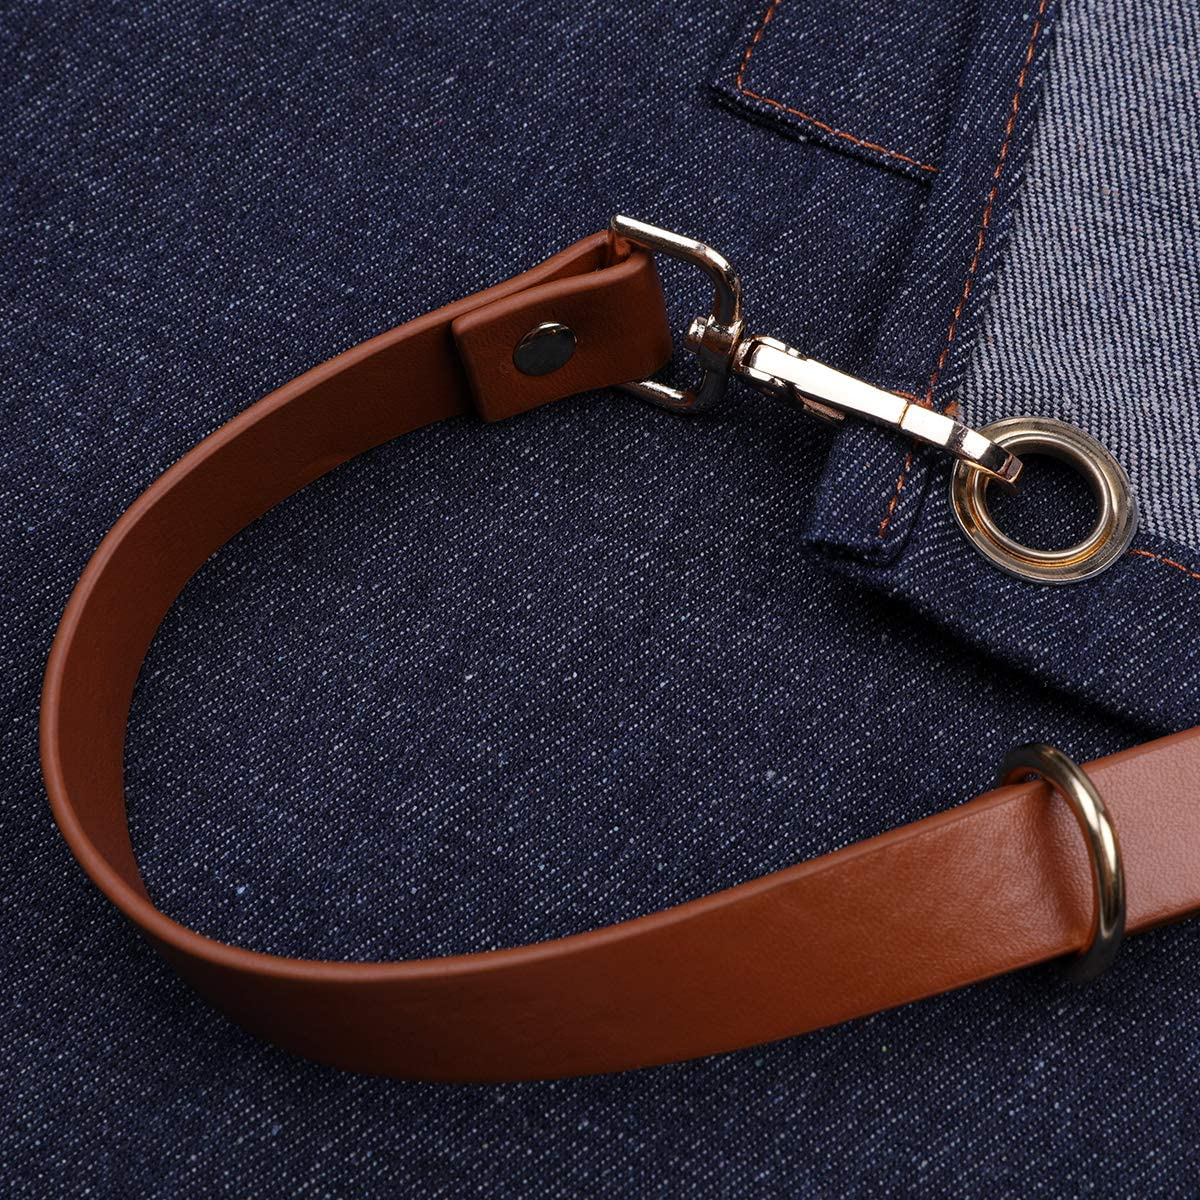 Style Drew Midnight Bleu Marine Neoviva Utilitaire Durable Tablier Denim Workwear Outil avec 5/Poches et Croise Dos lani/ères de Cuir pour Homme et Femme